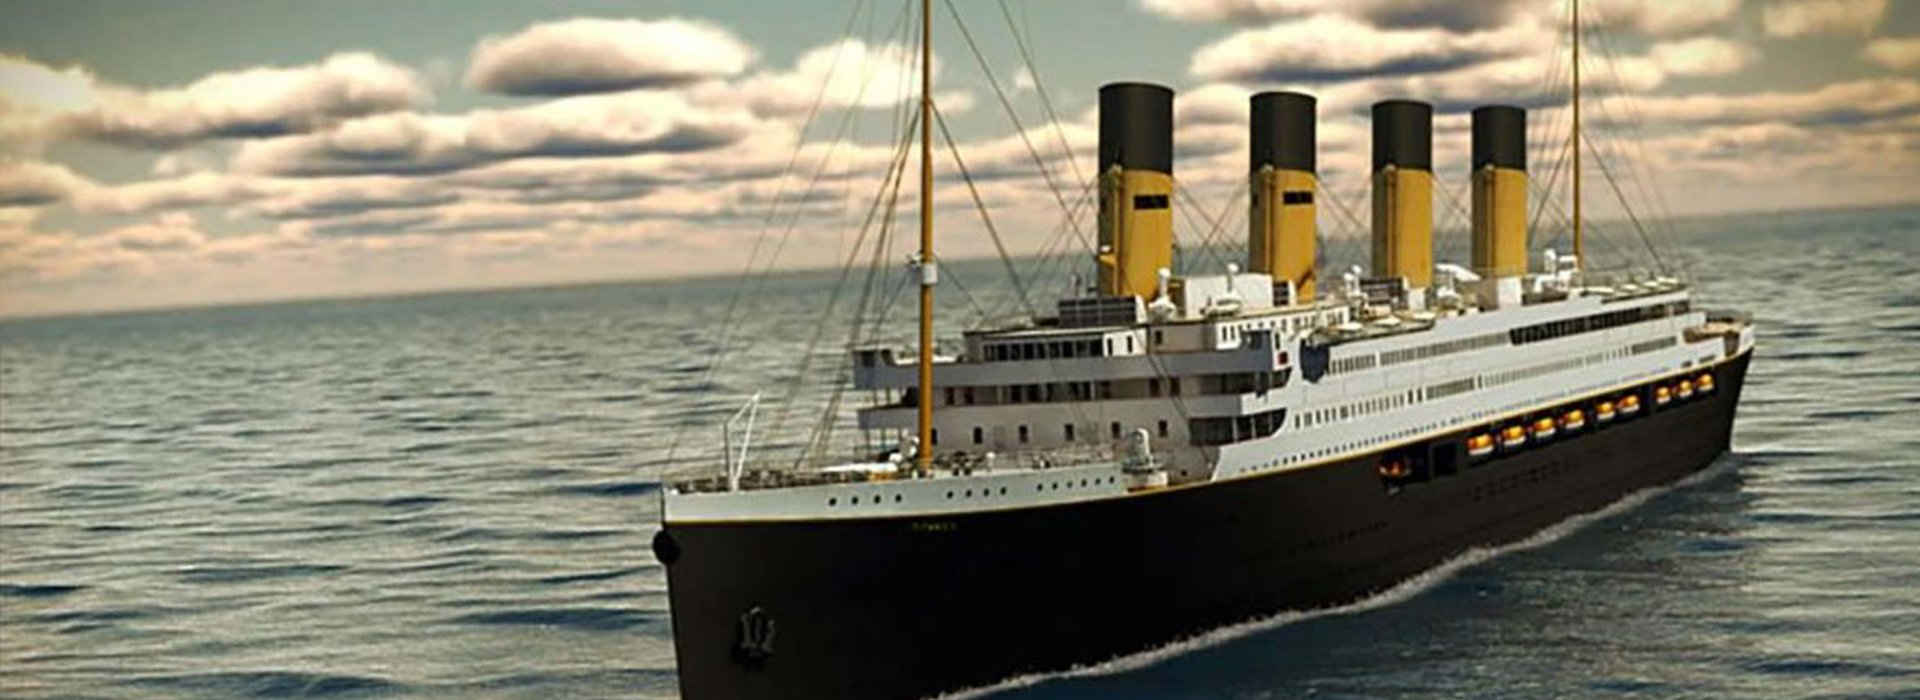 Megépül a Titanic II.